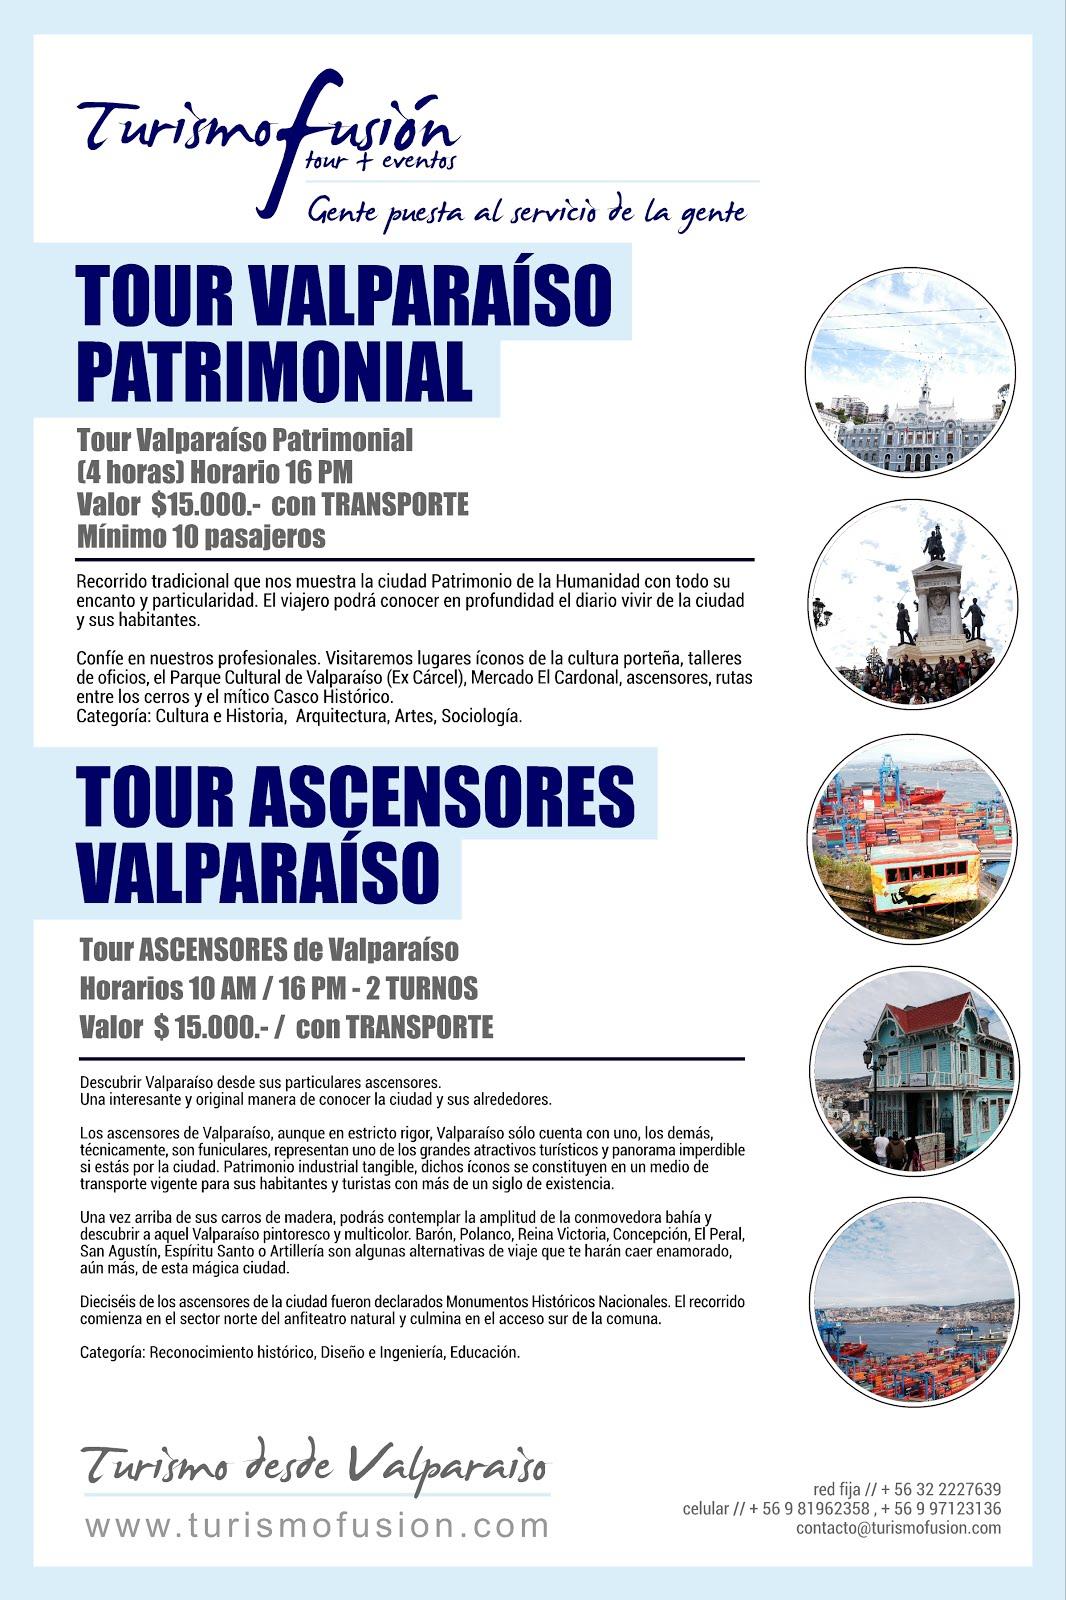 CITY TOURS & TRANSFERS EN VALPARAISO/SANTIAGO/VIÑA